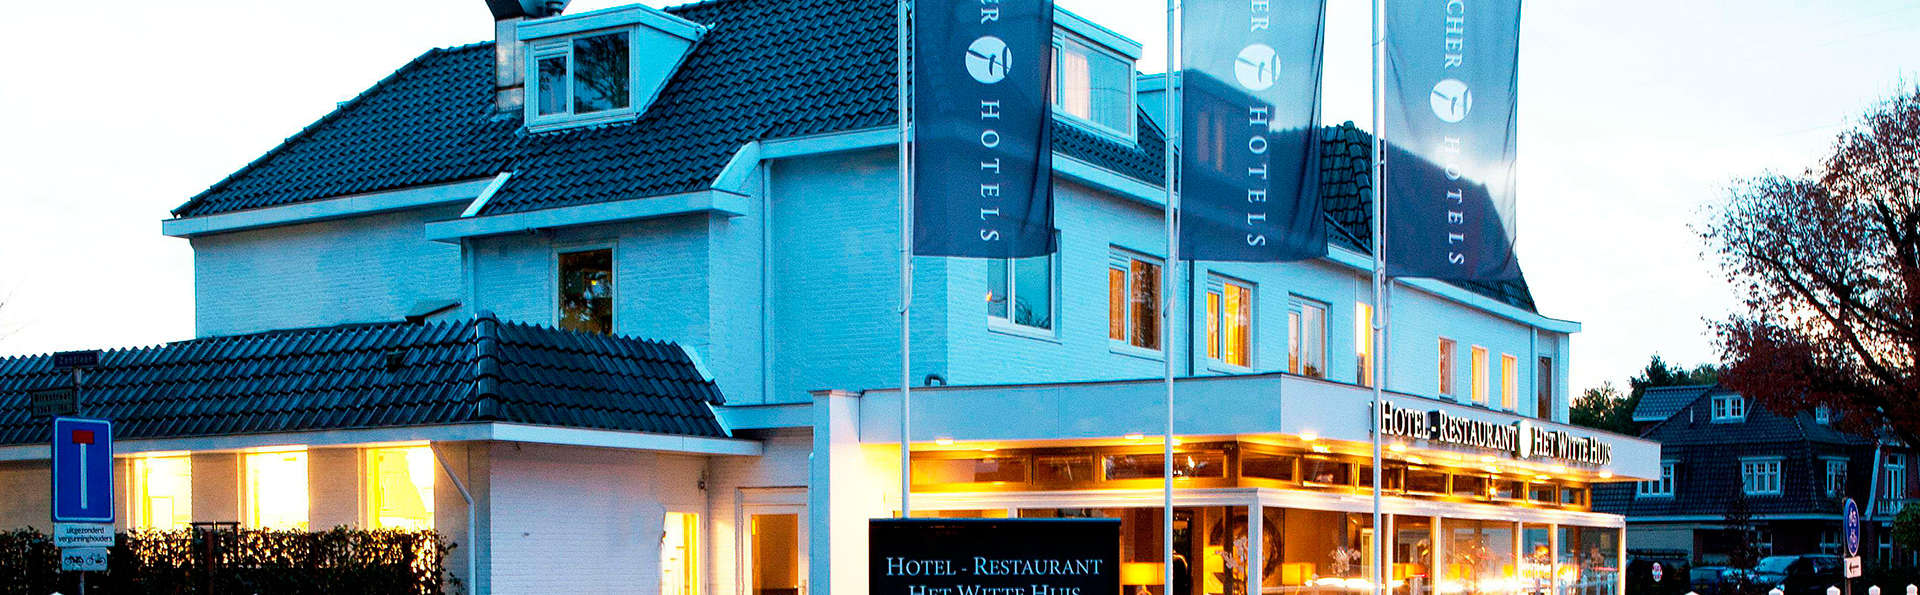 Fletcher Hotel-Restaurant het Witte Huis - EDIT_front1.jpg